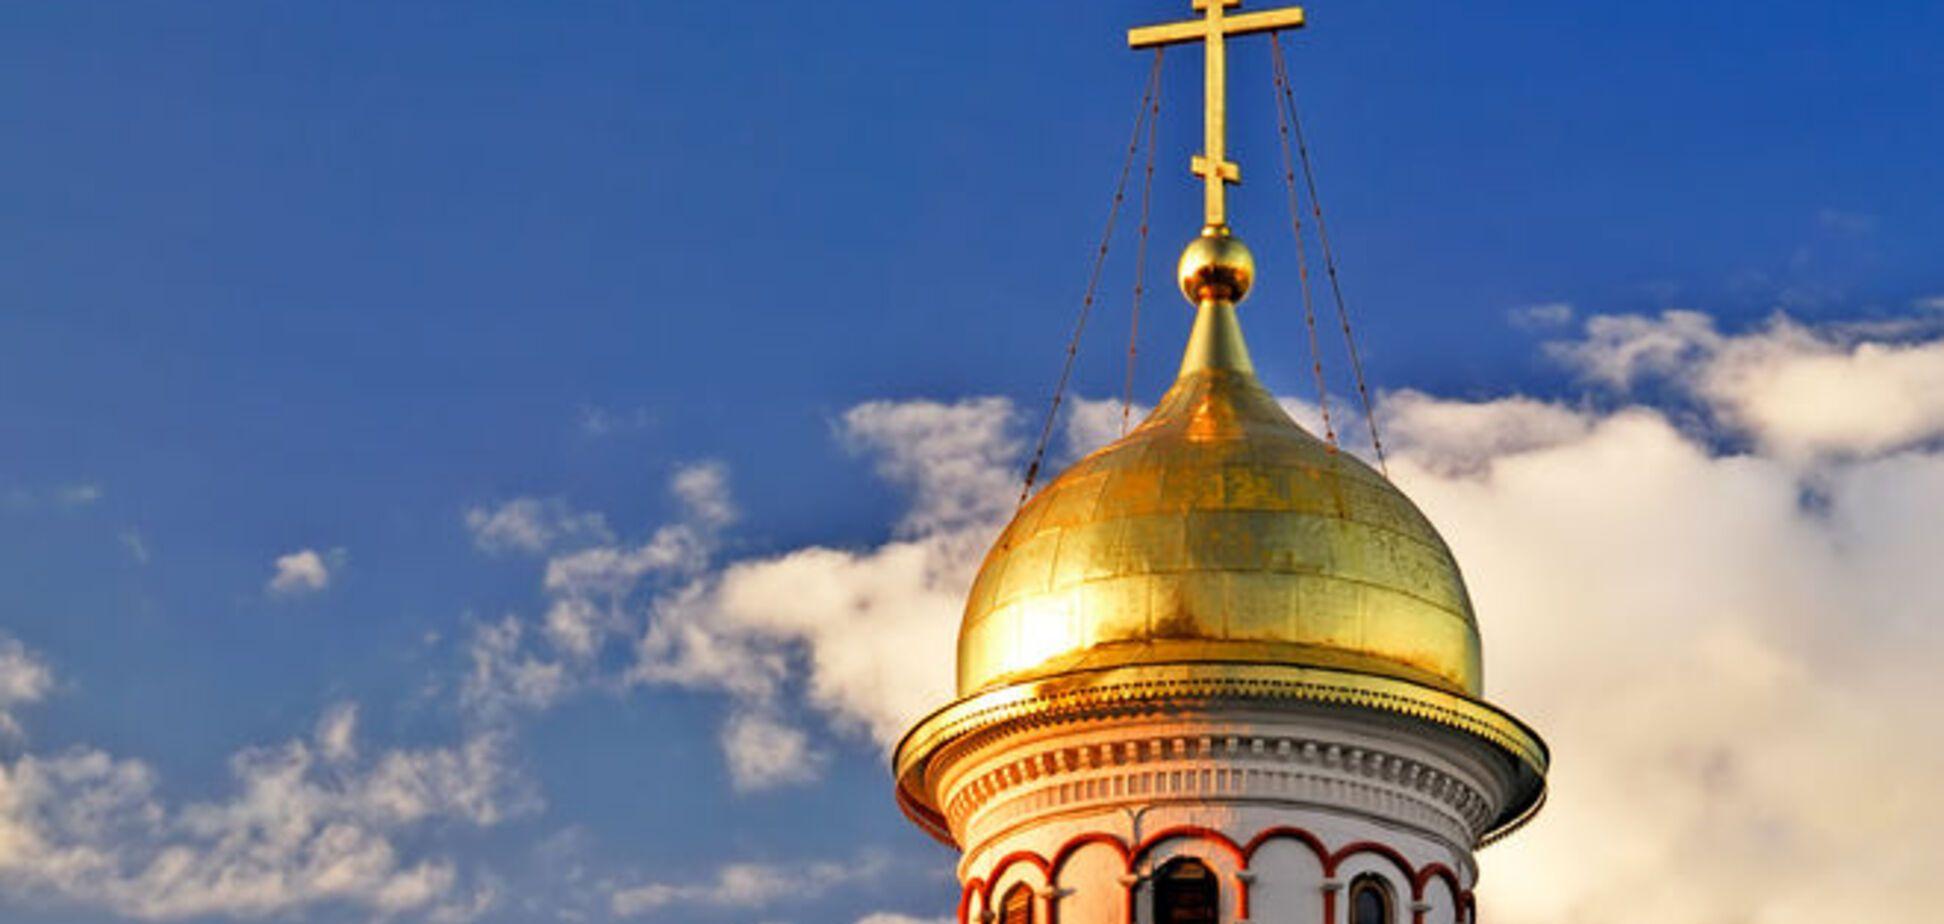 'Твій чоловік - терорист і вбивця': священик УПЦ МП відмовився молитися за бійця АТО